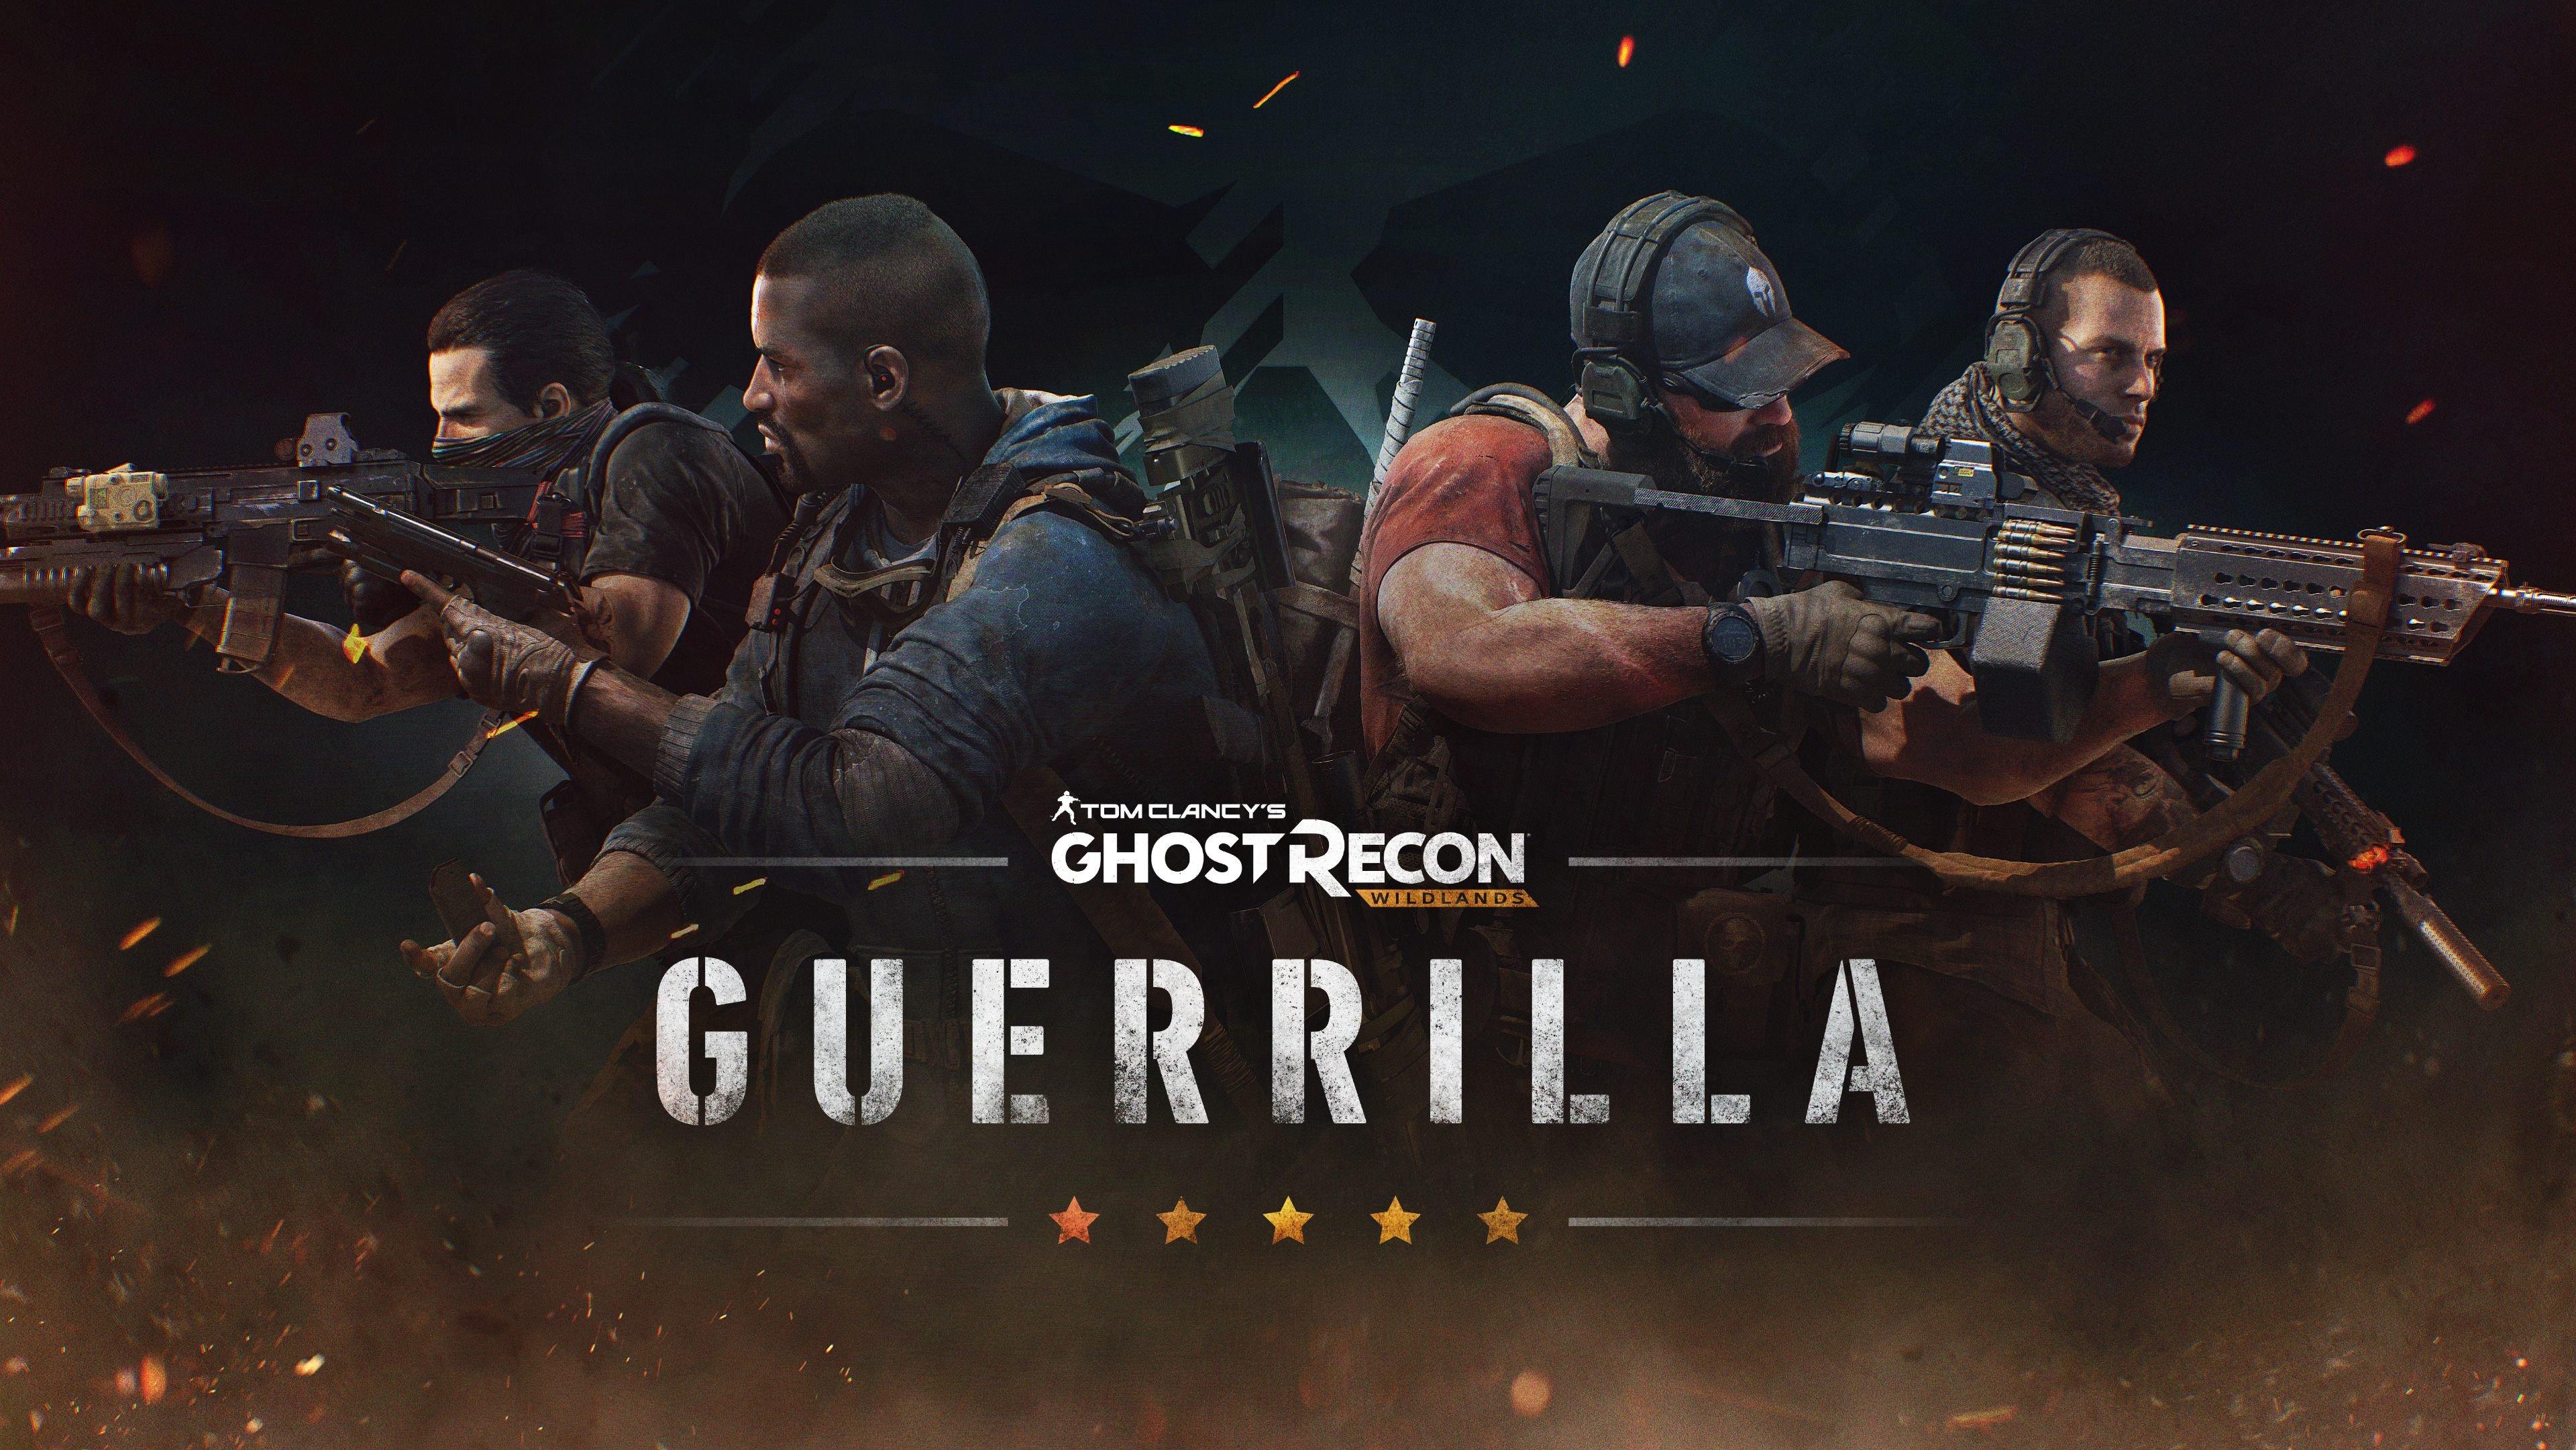 Ghost Recon Wildlands gets Guerrilla PvE mode in free update